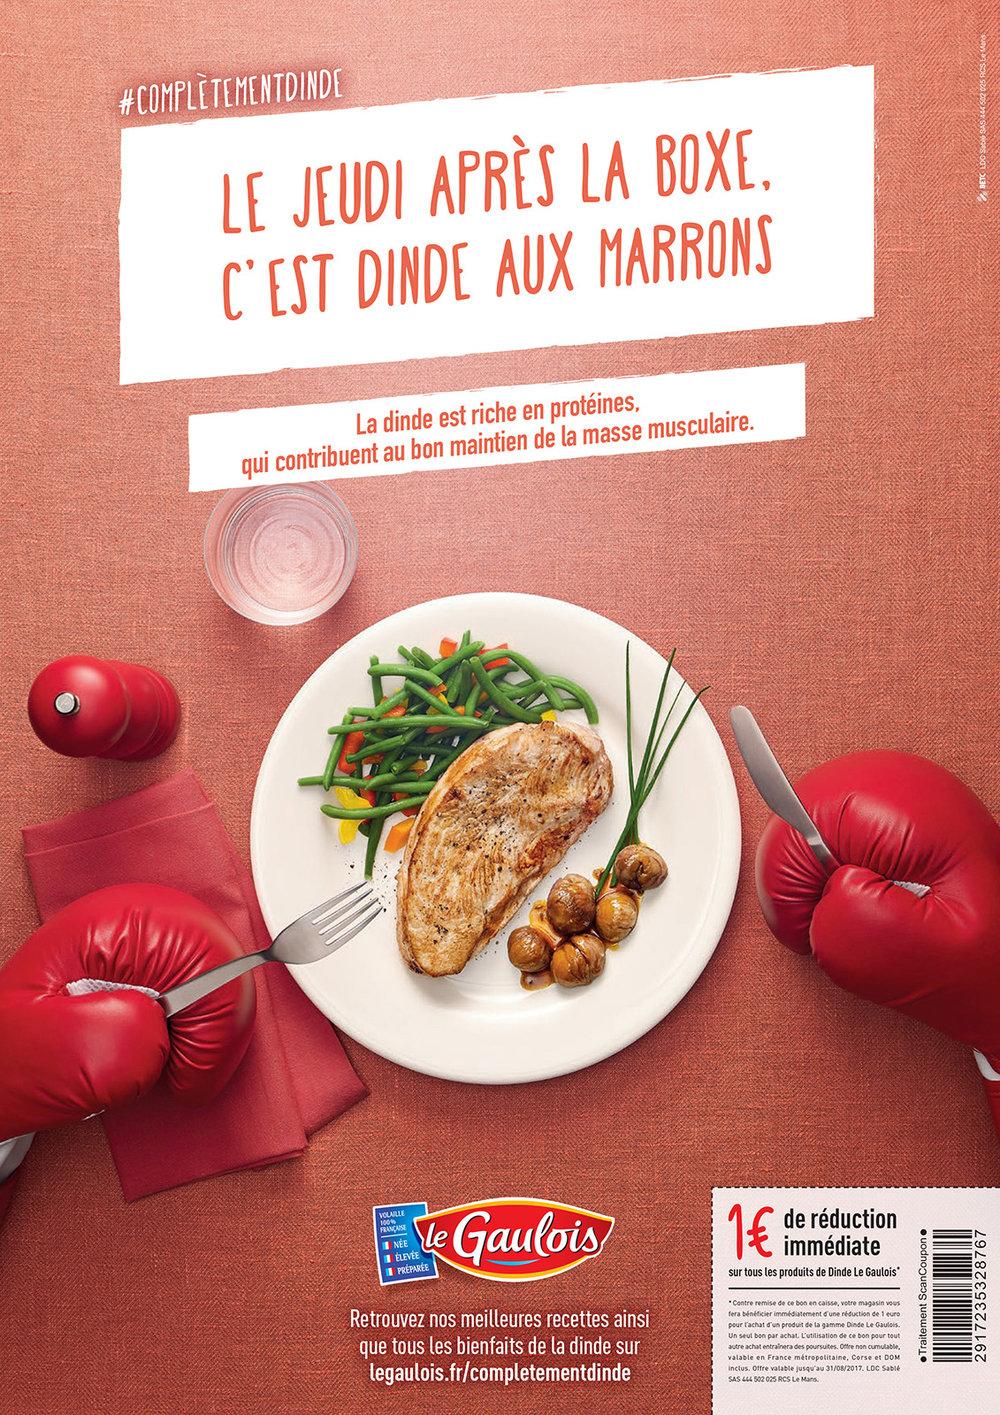 Cecile-et-guillaume_onfaitdesimages-valerie-paumelle-agent-photographe-culinaire (1).jpg